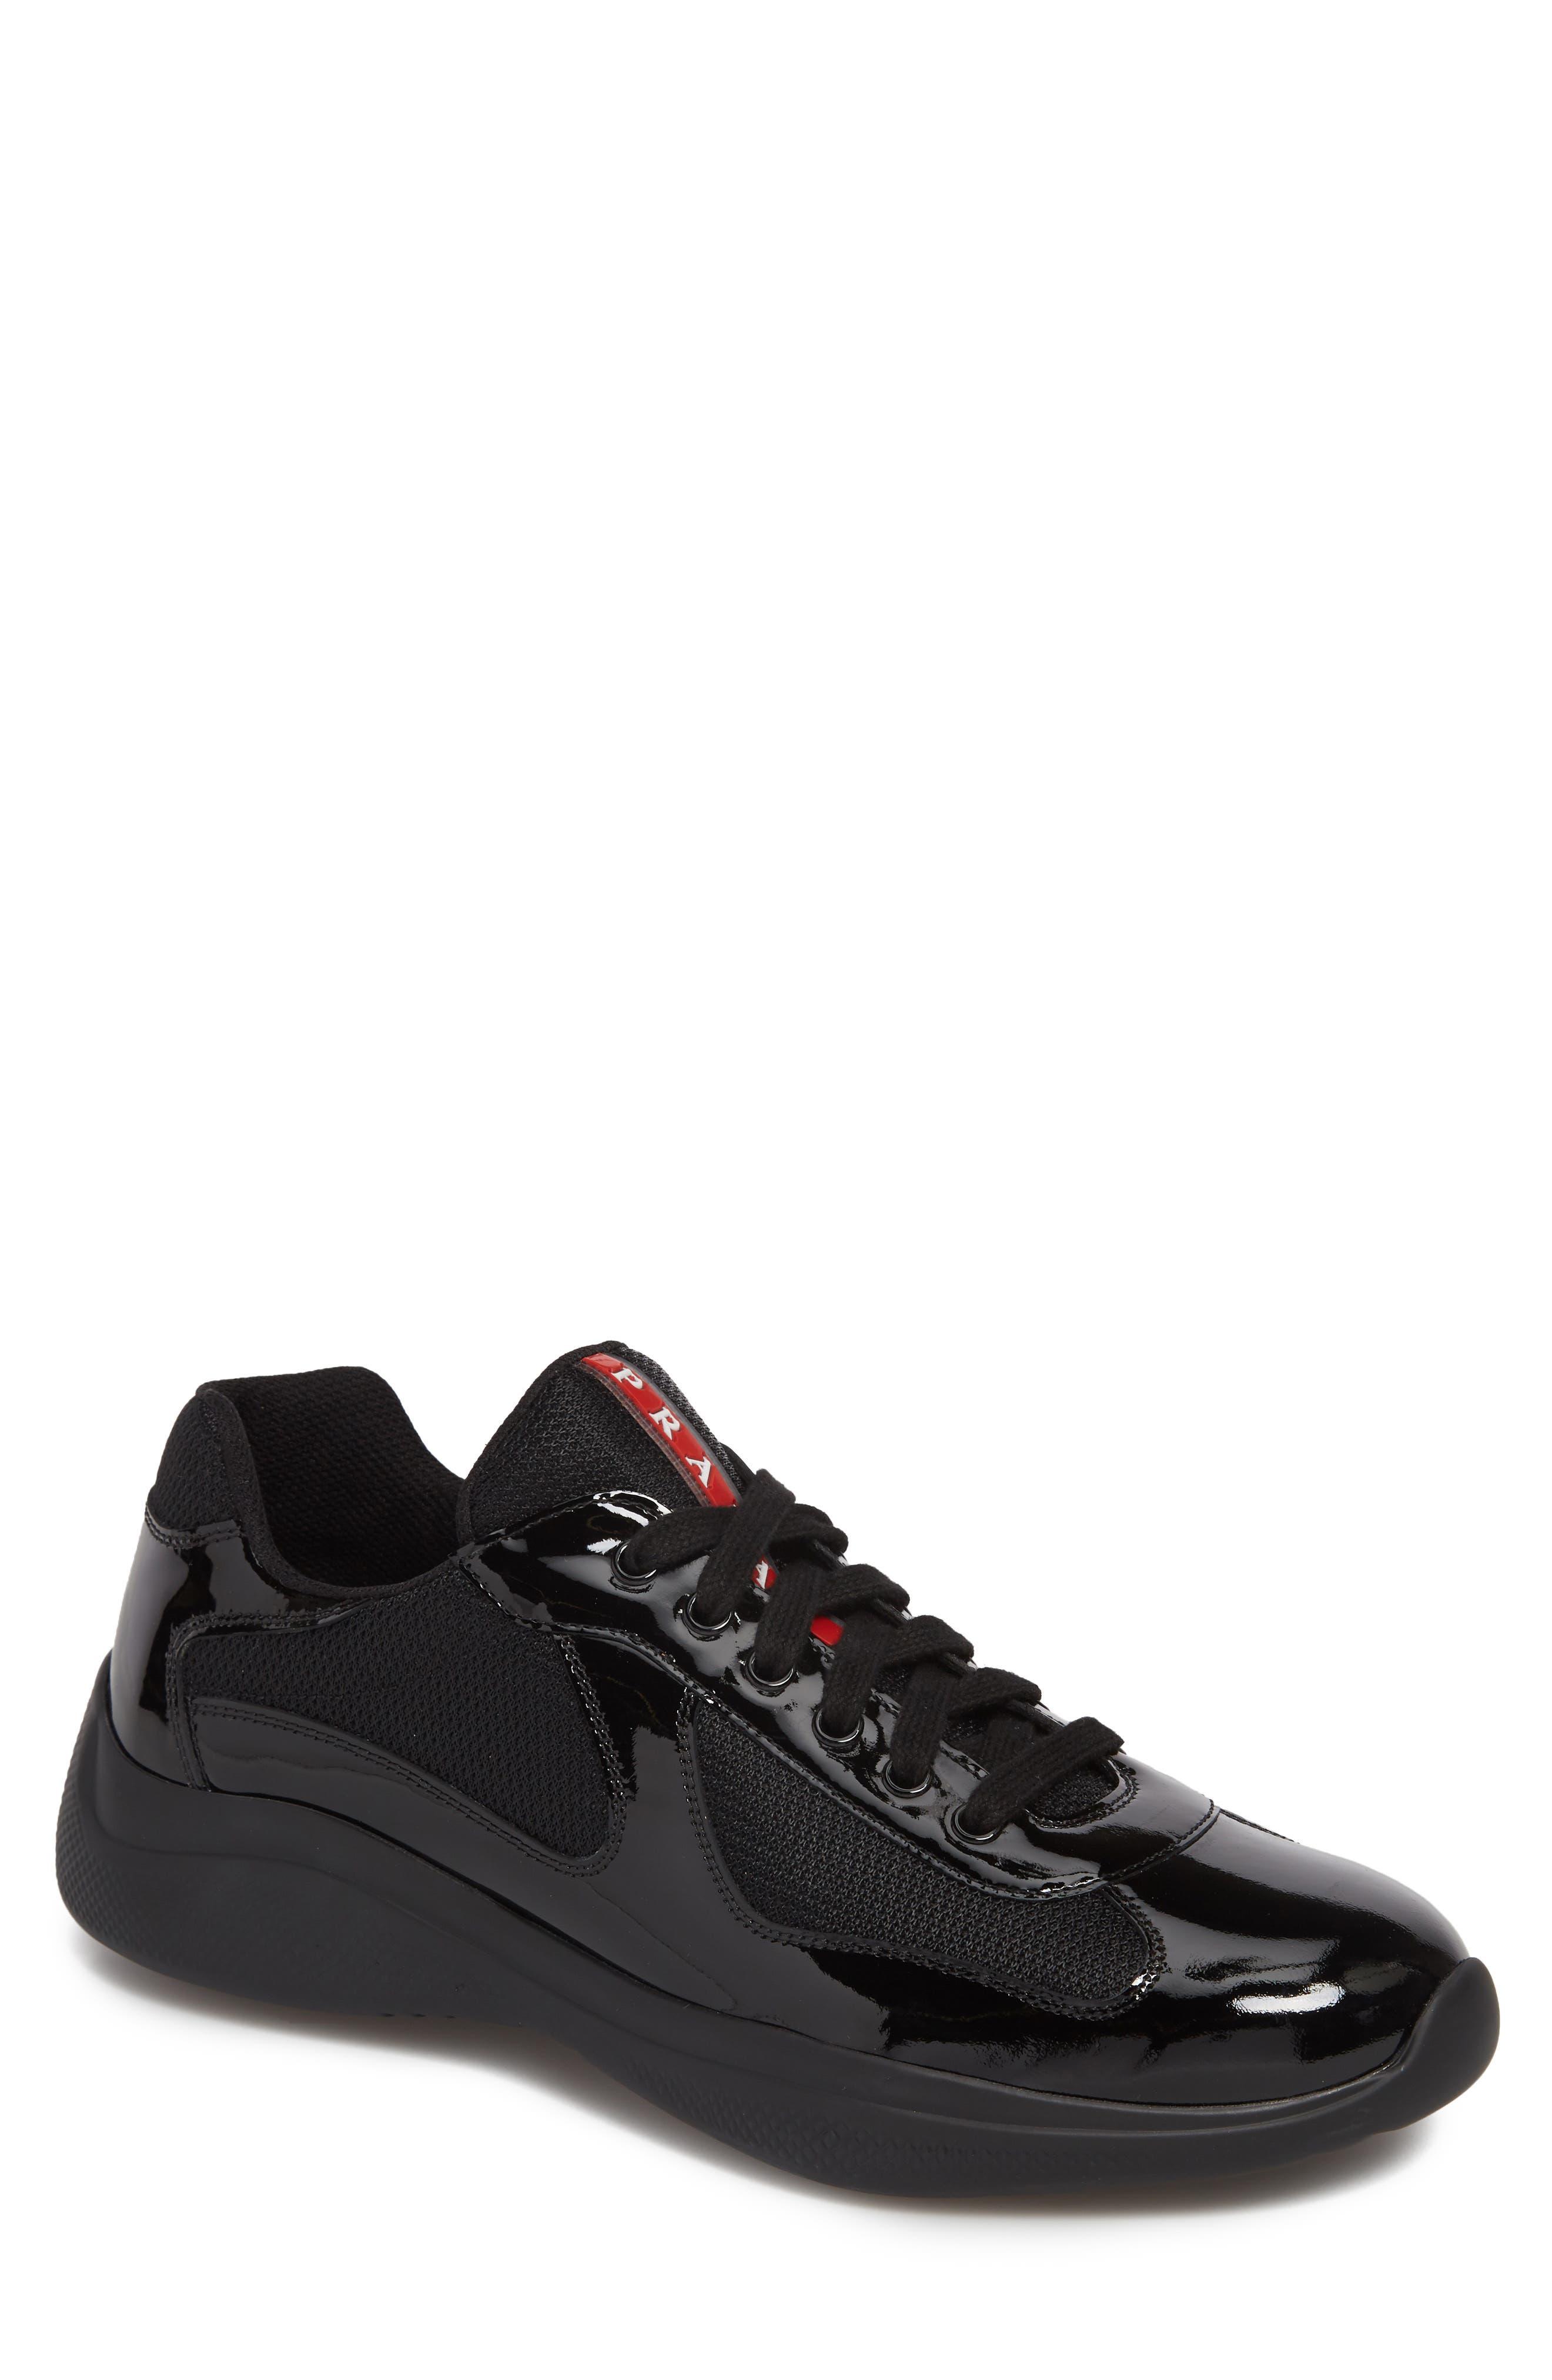 95f9b1f95 Prada Shoes for Men